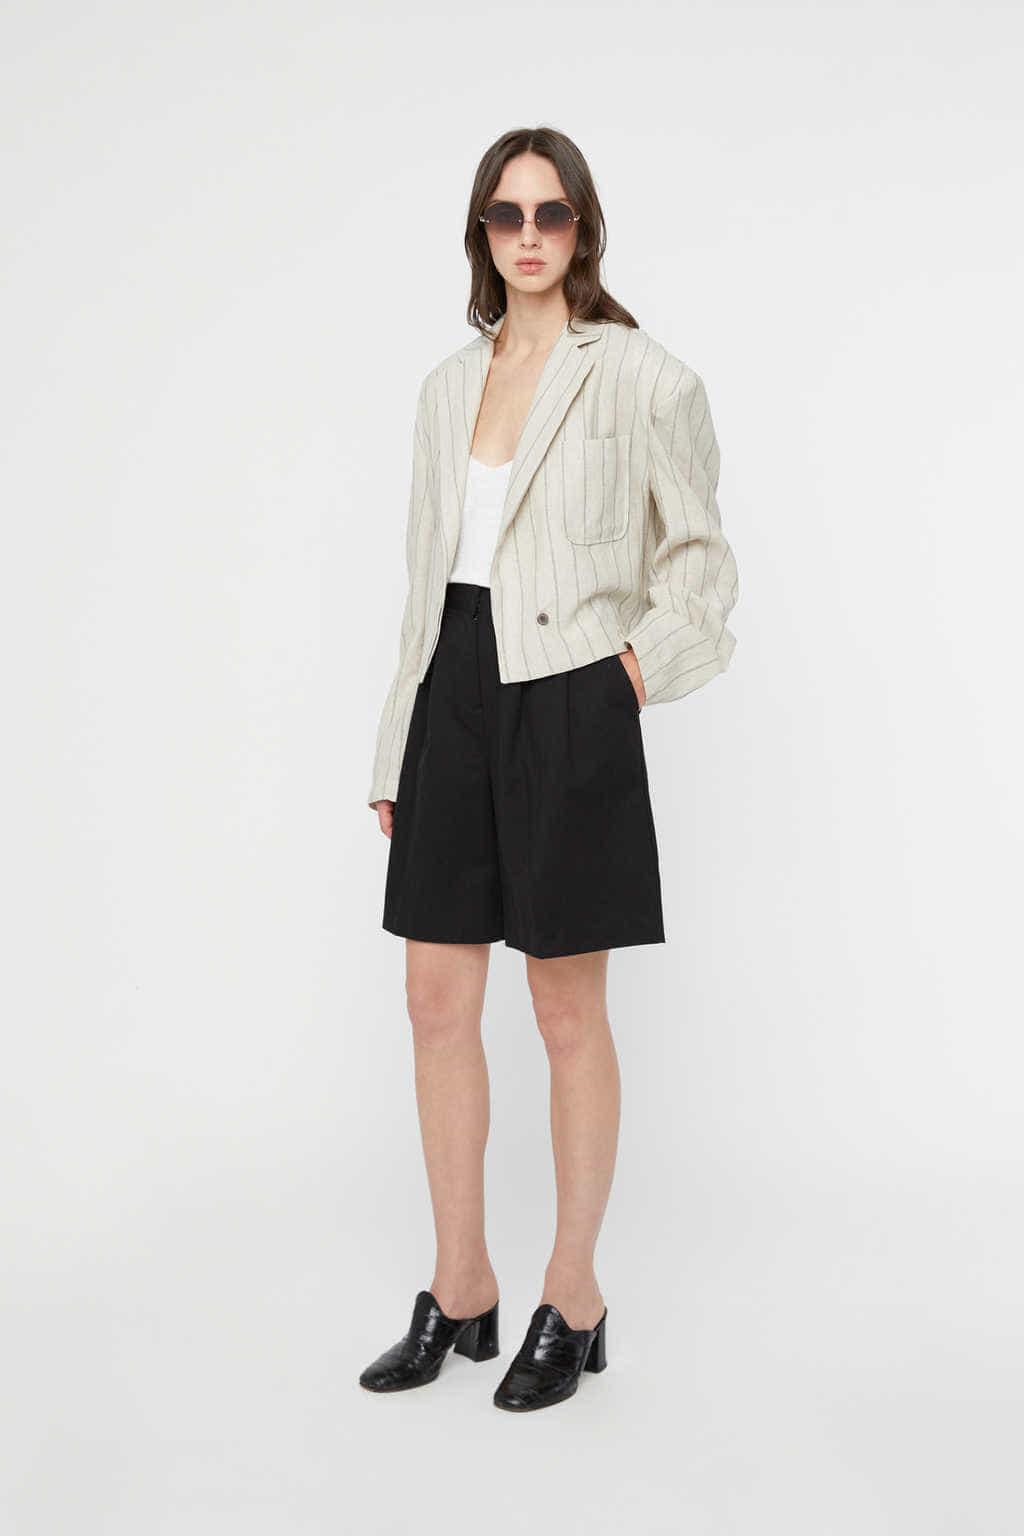 Jacket K006 Beige 1